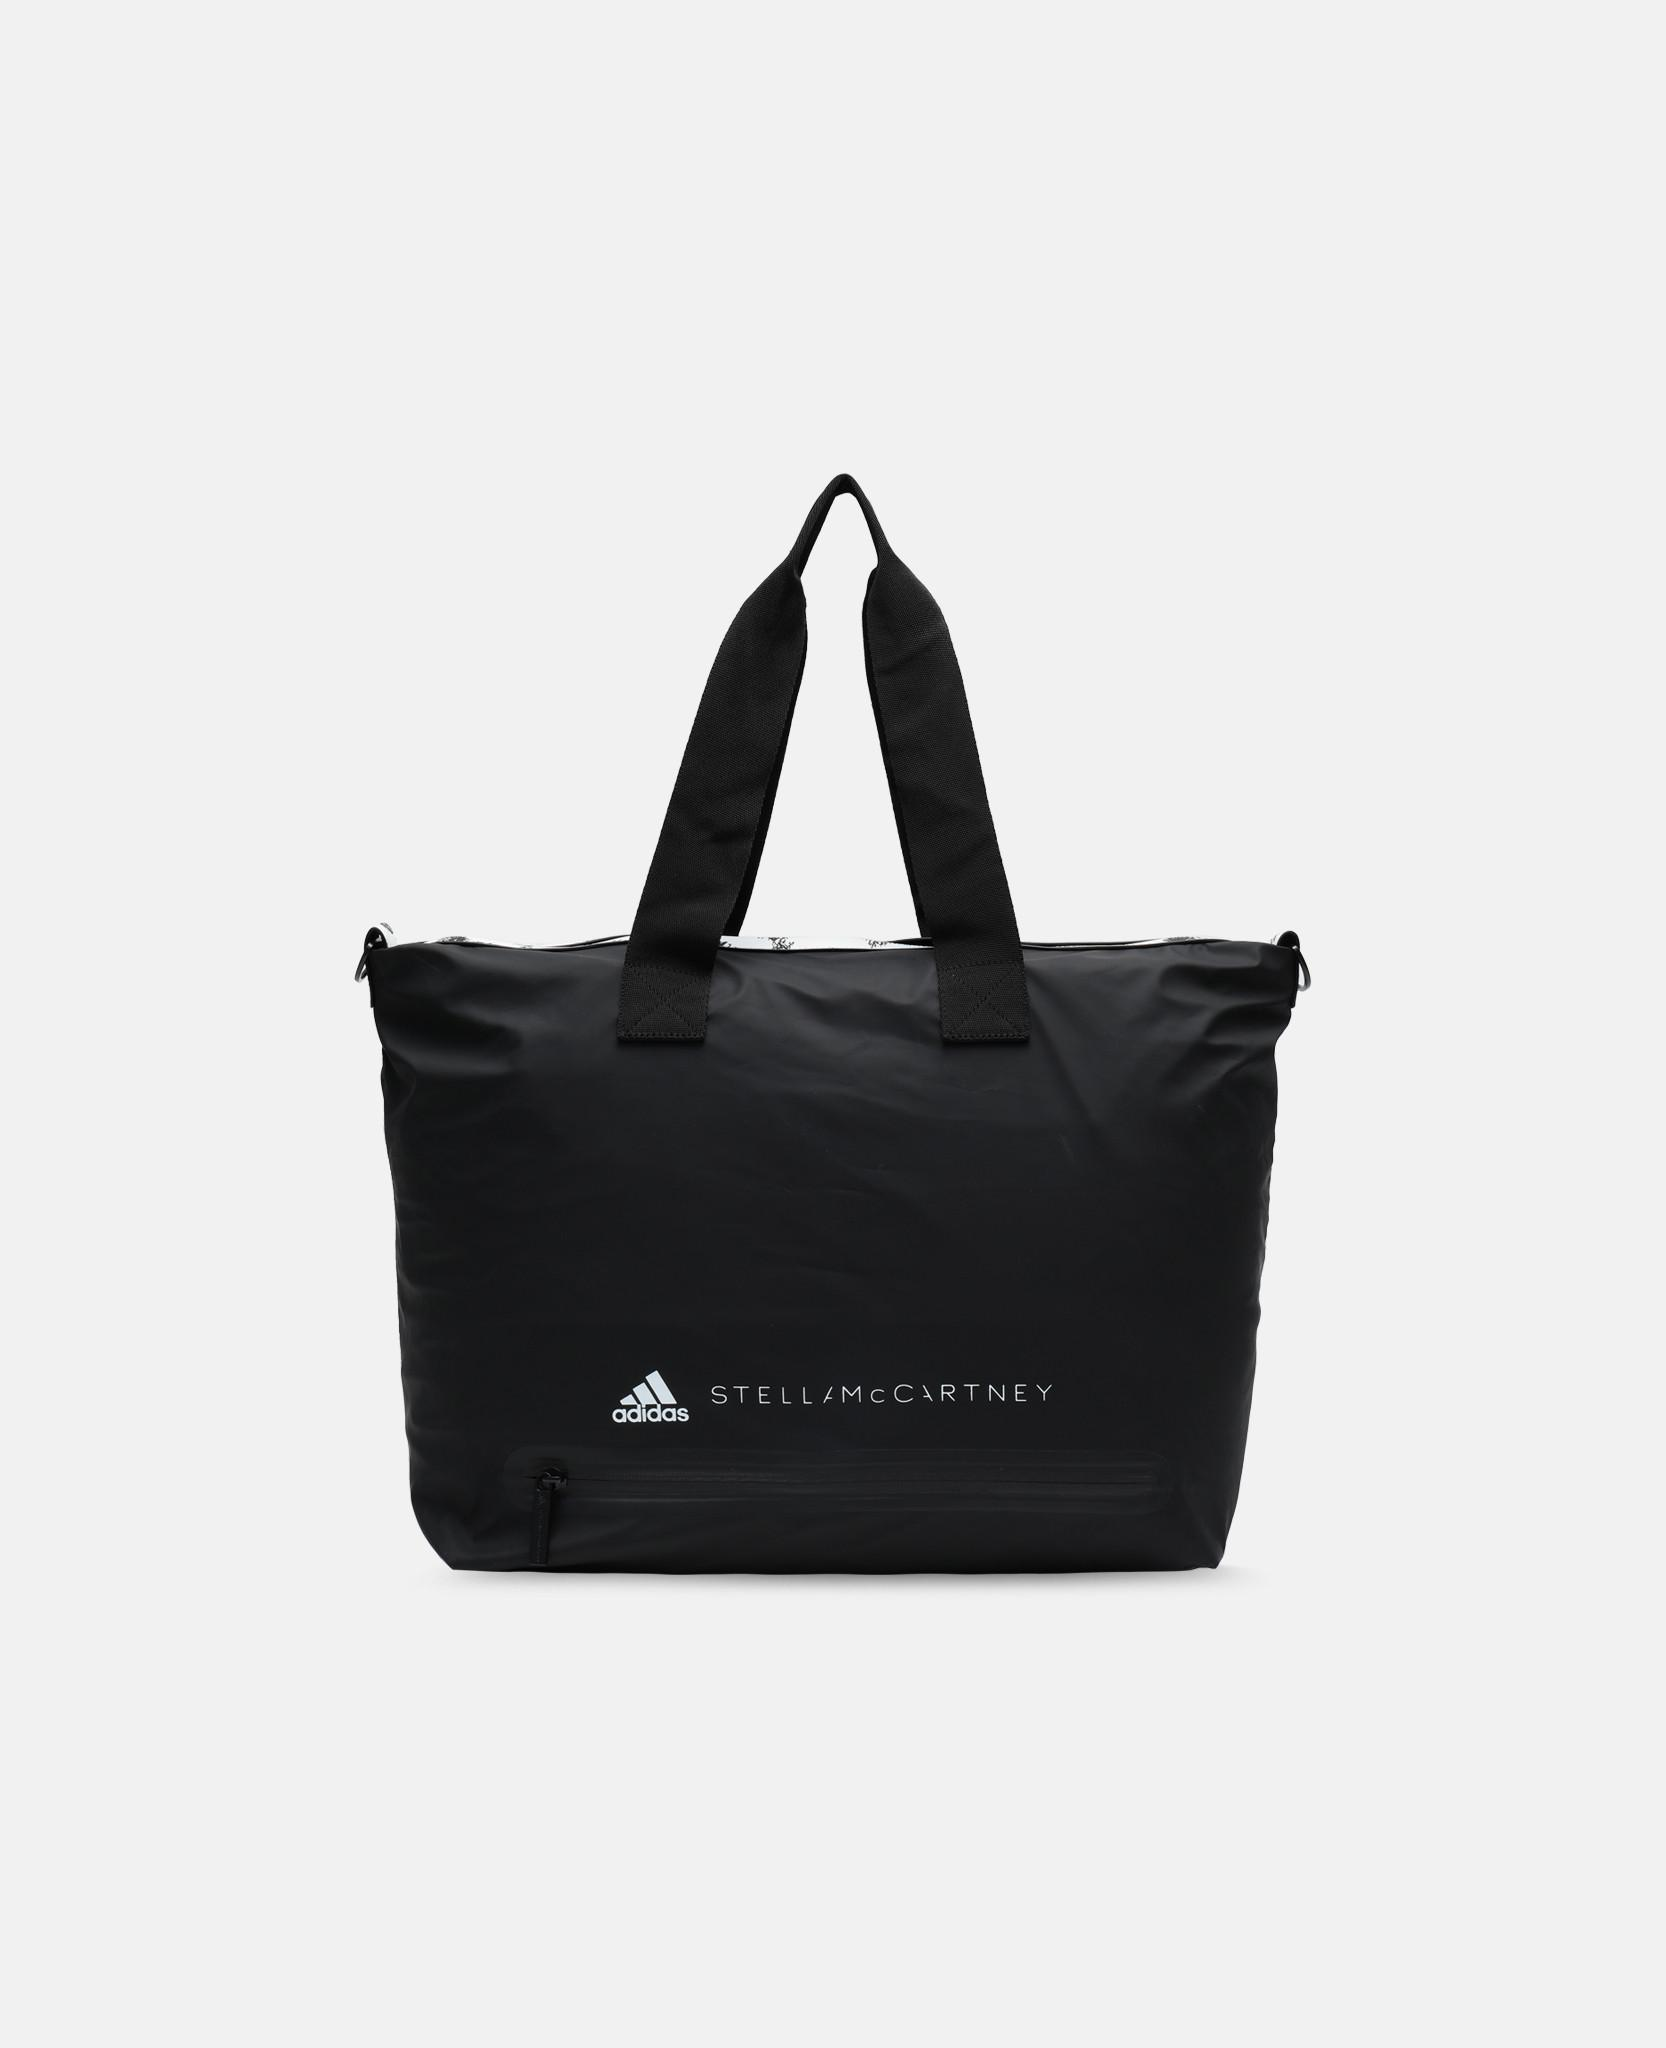 9dcb22ff33 Lyst - adidas By Stella McCartney Black Studio Bag in Black